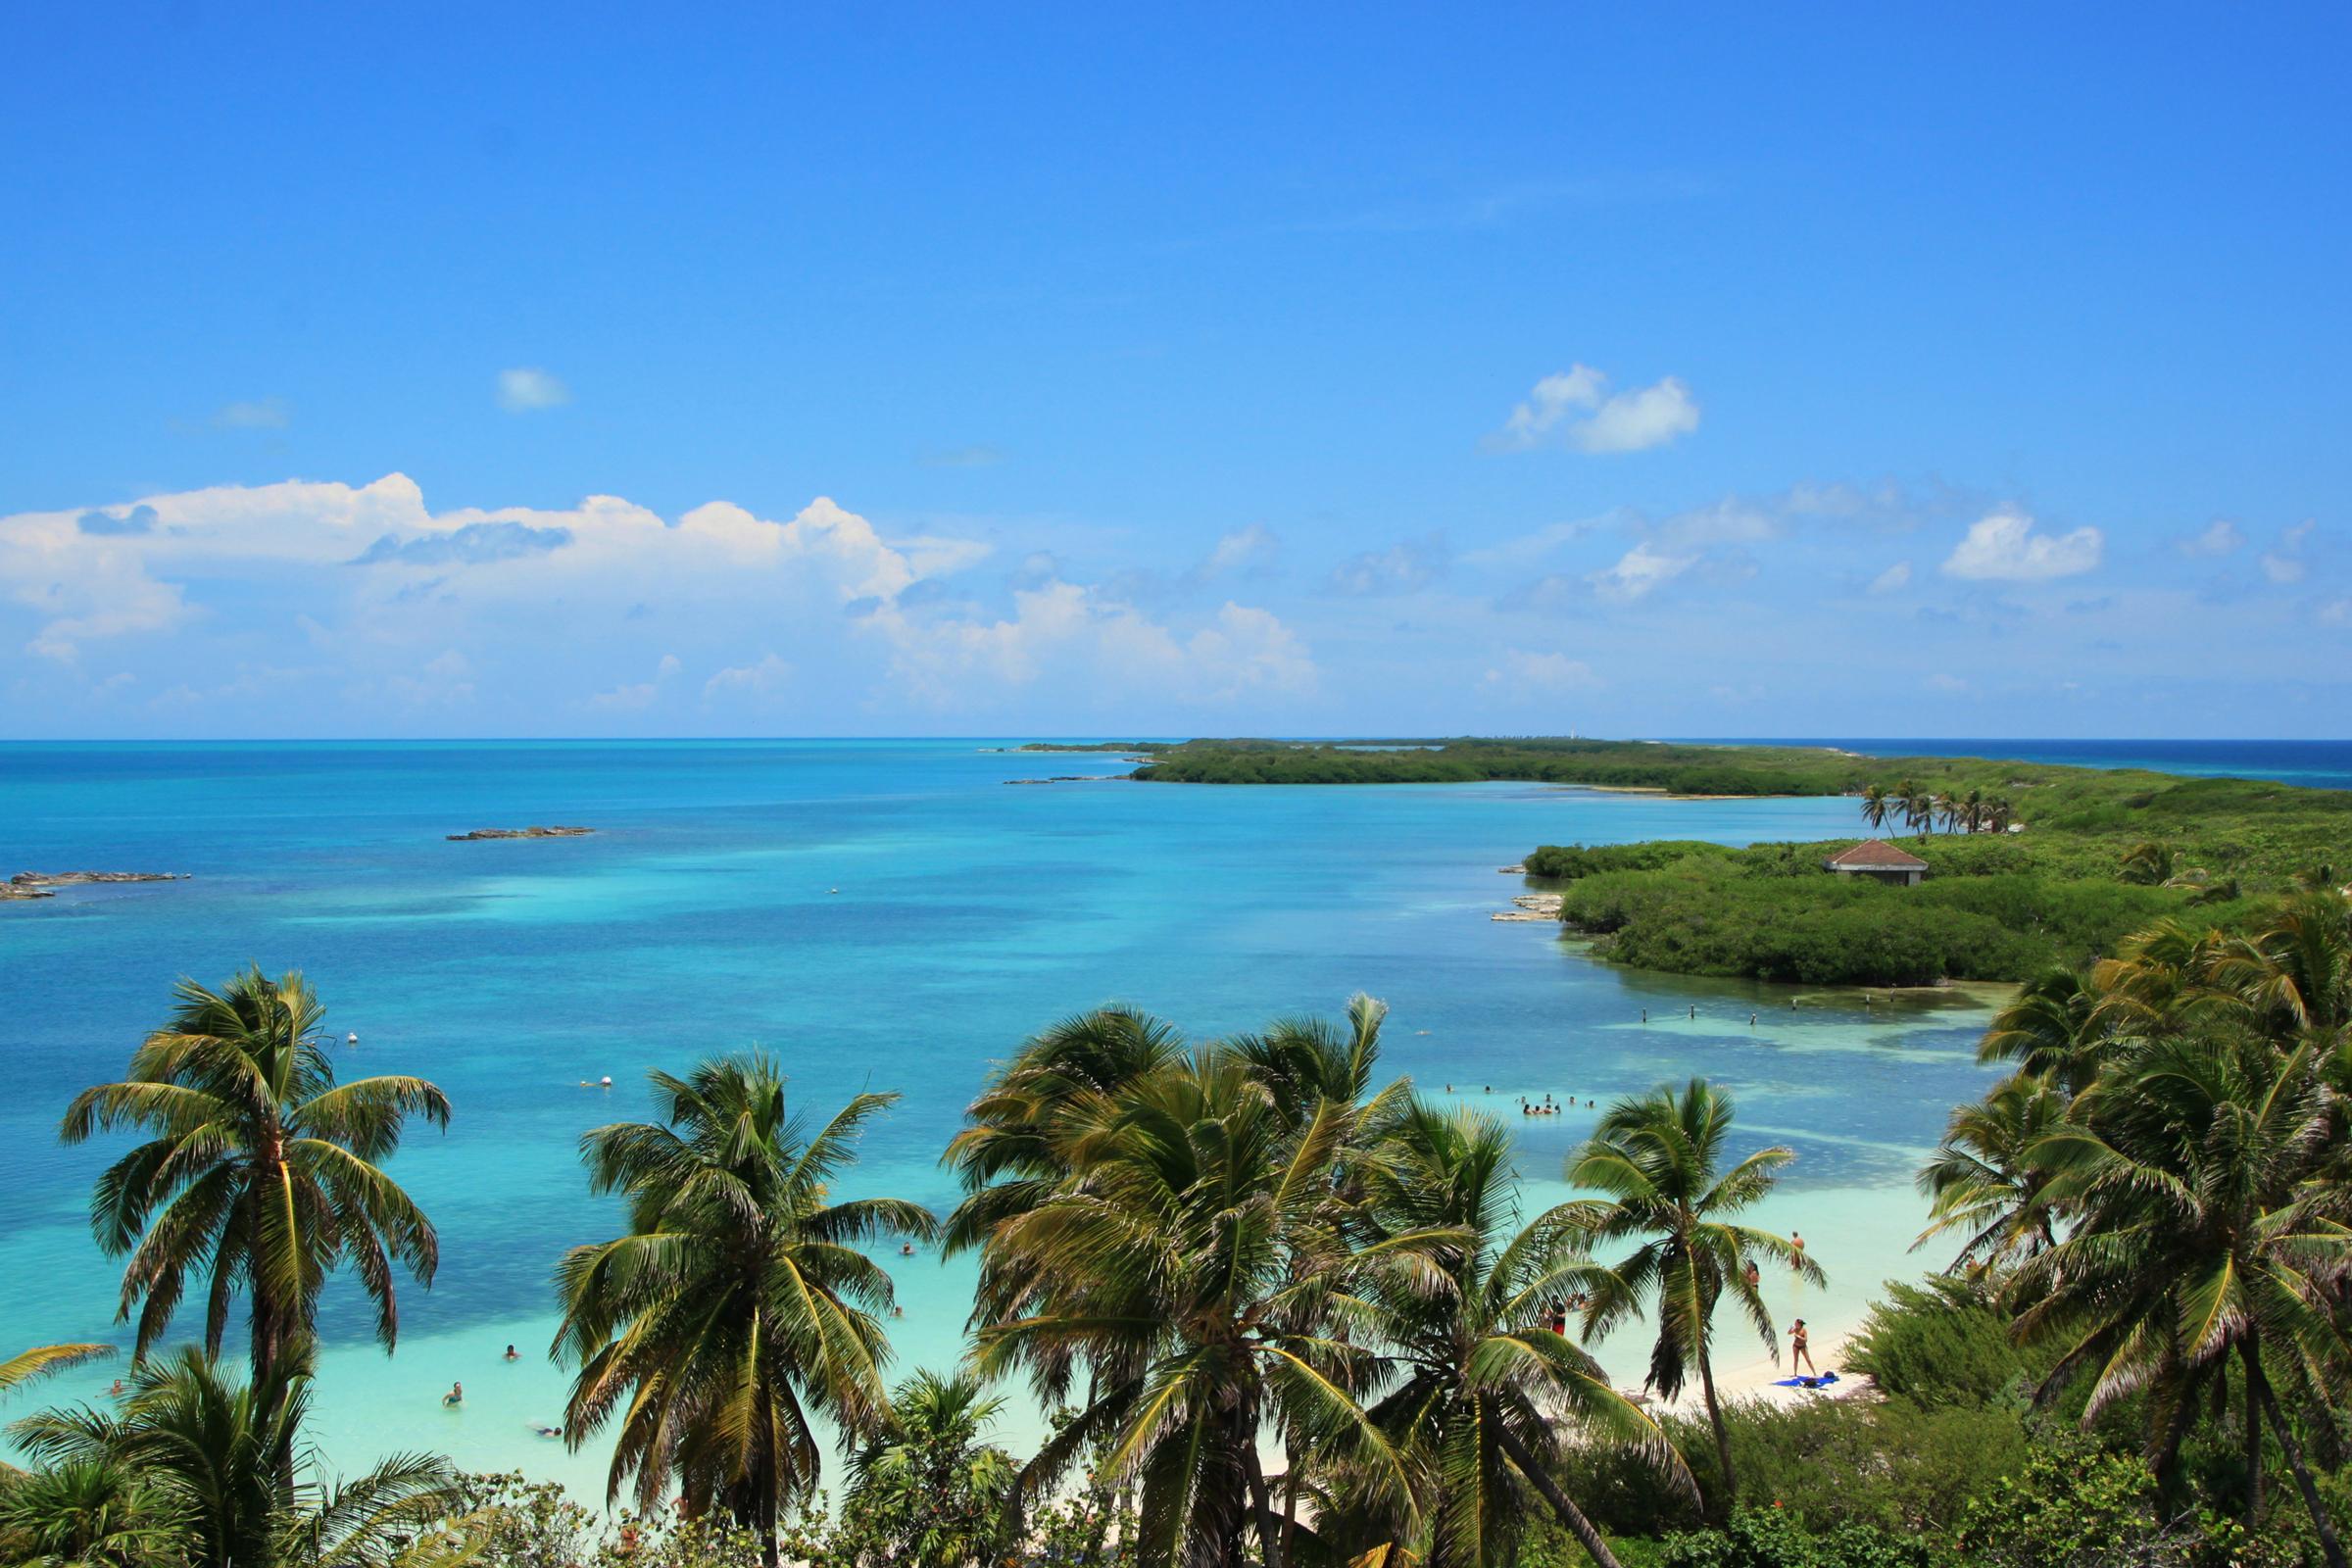 Обои для рабочего стола Мексика Cancun Море Природа Пальмы берег пальм пальма Побережье